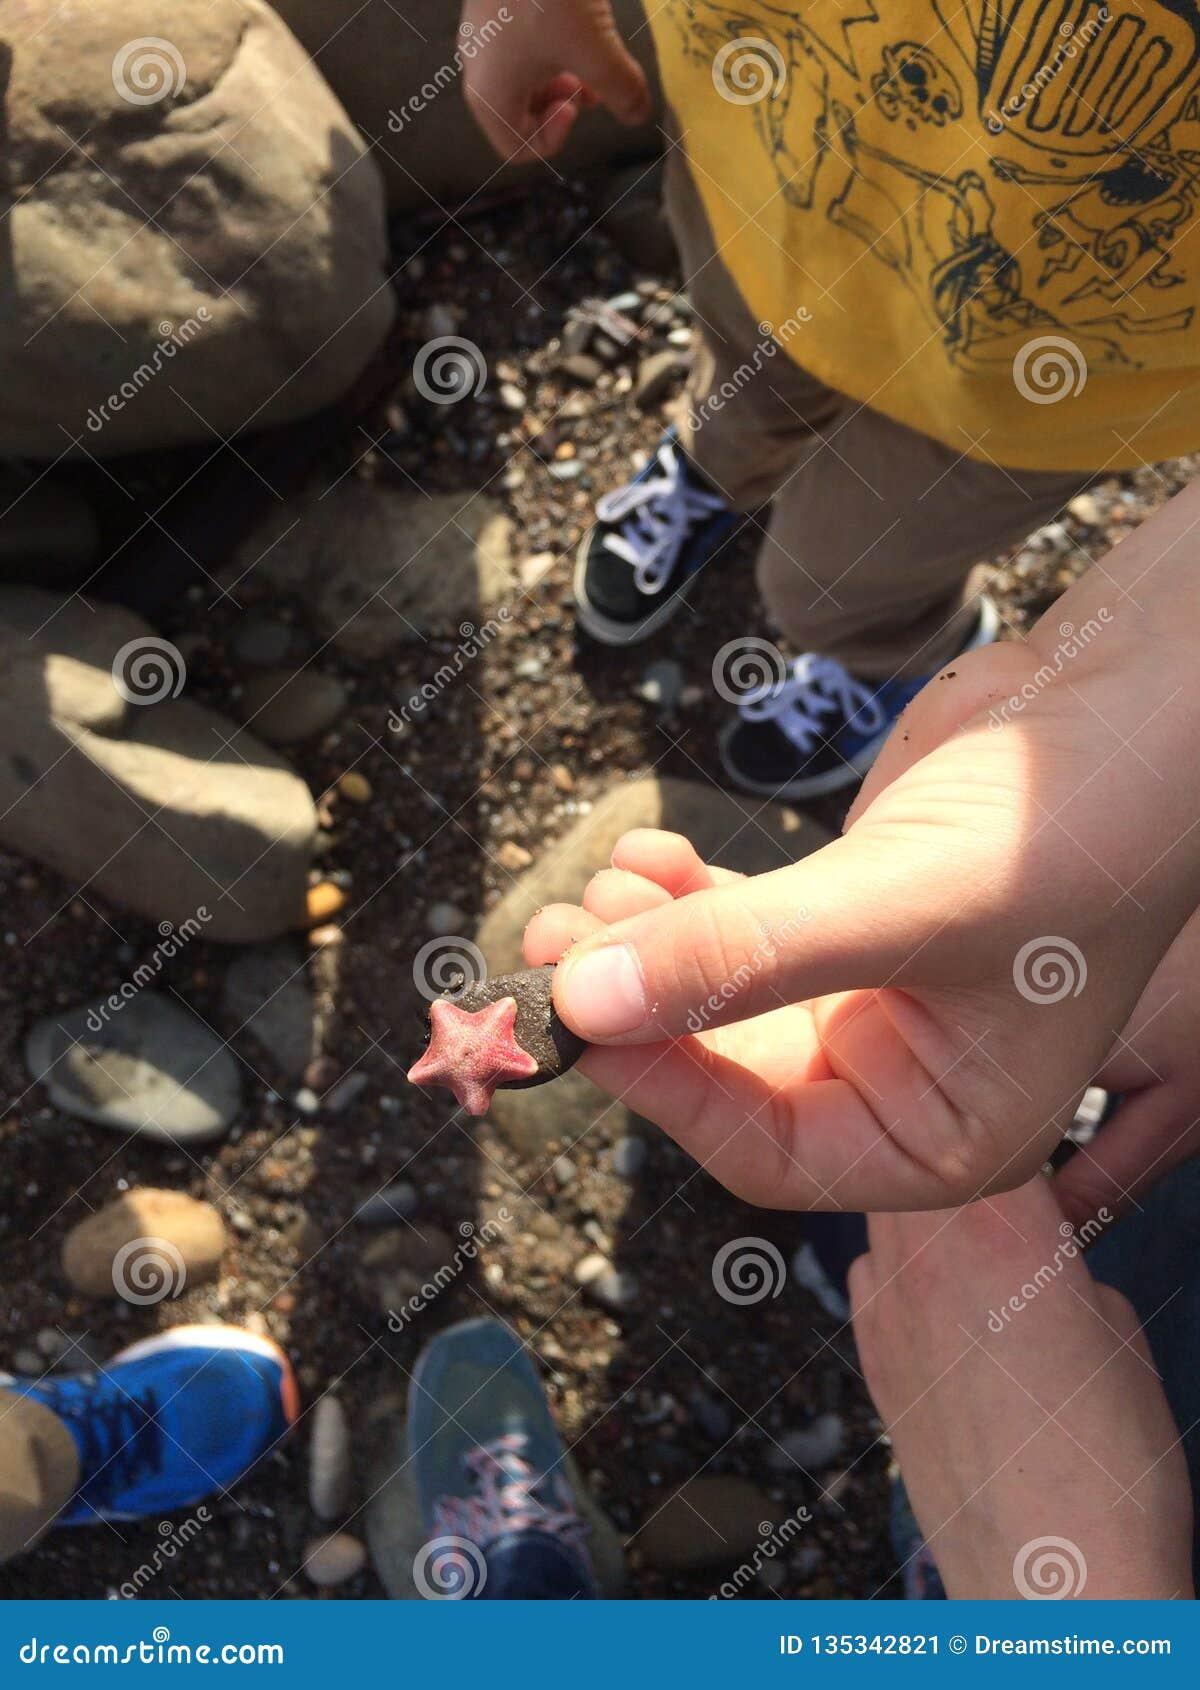 Estrellas de mar minúsculas a disposición